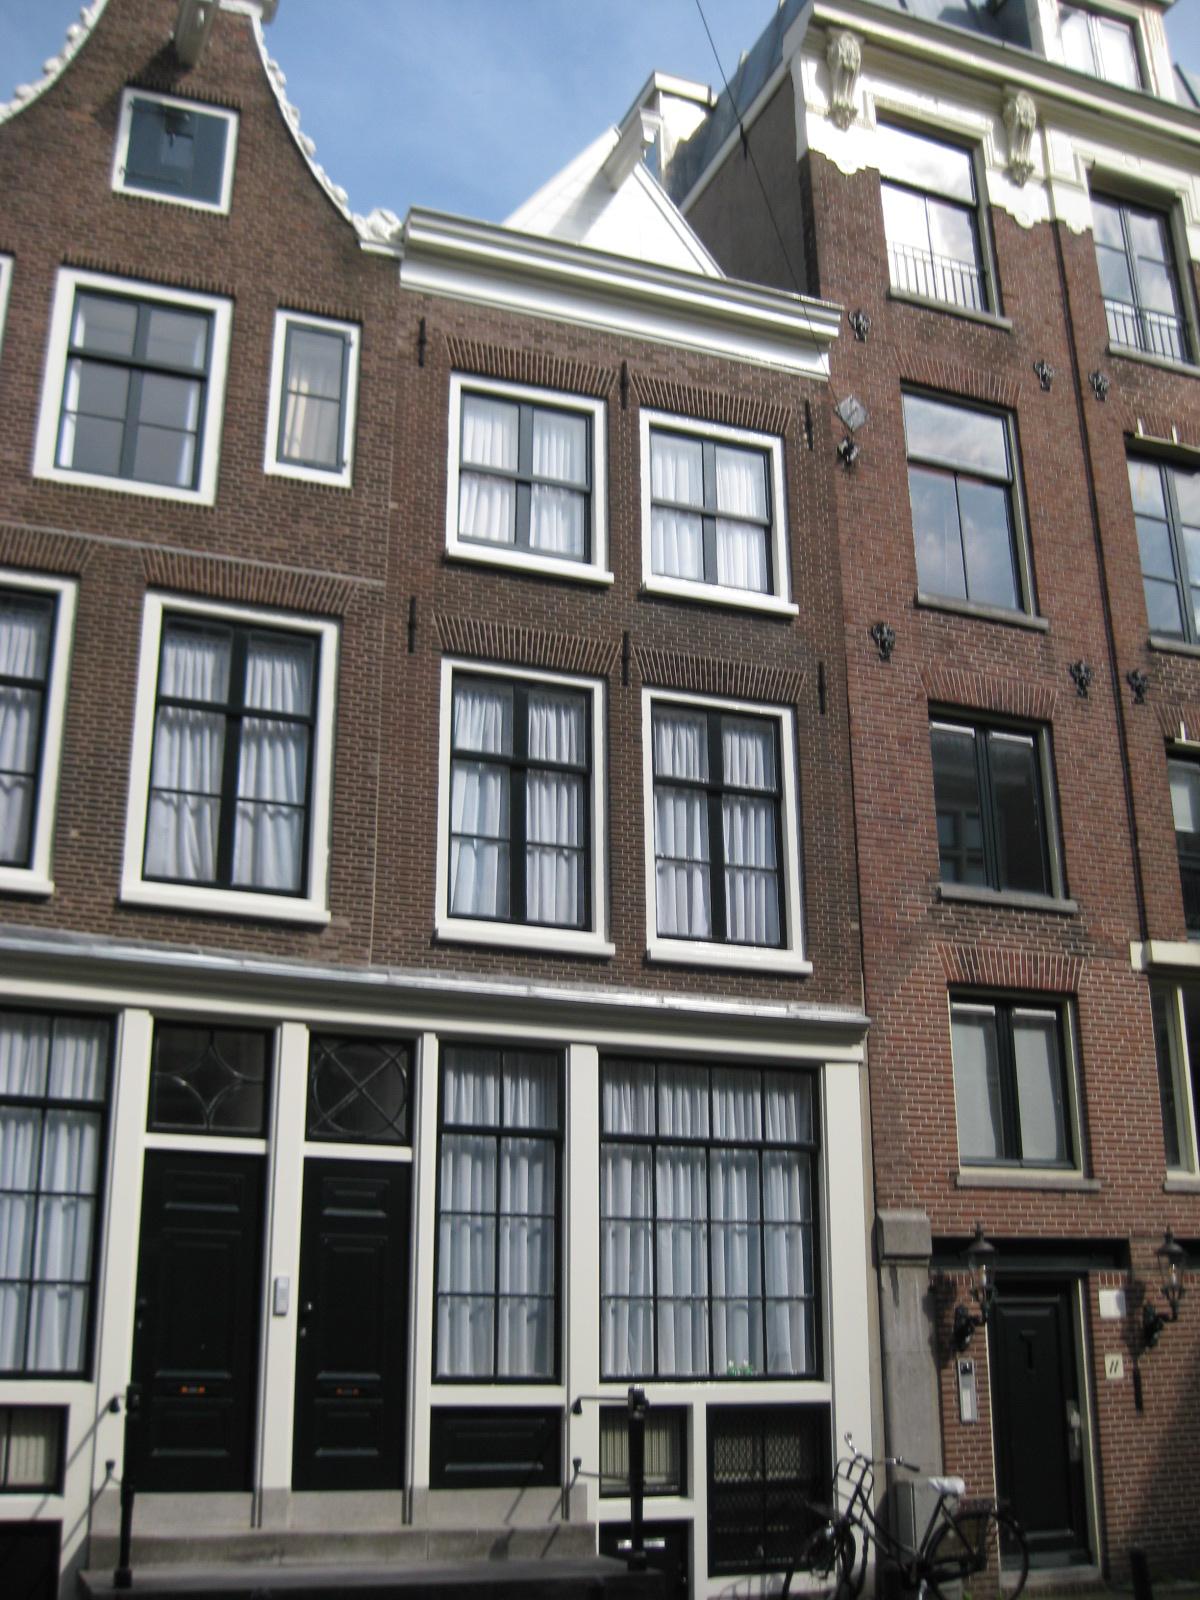 Huis met gevel onder rechte lijst en dakvoorschot in amsterdam monument - Huis gevel ...